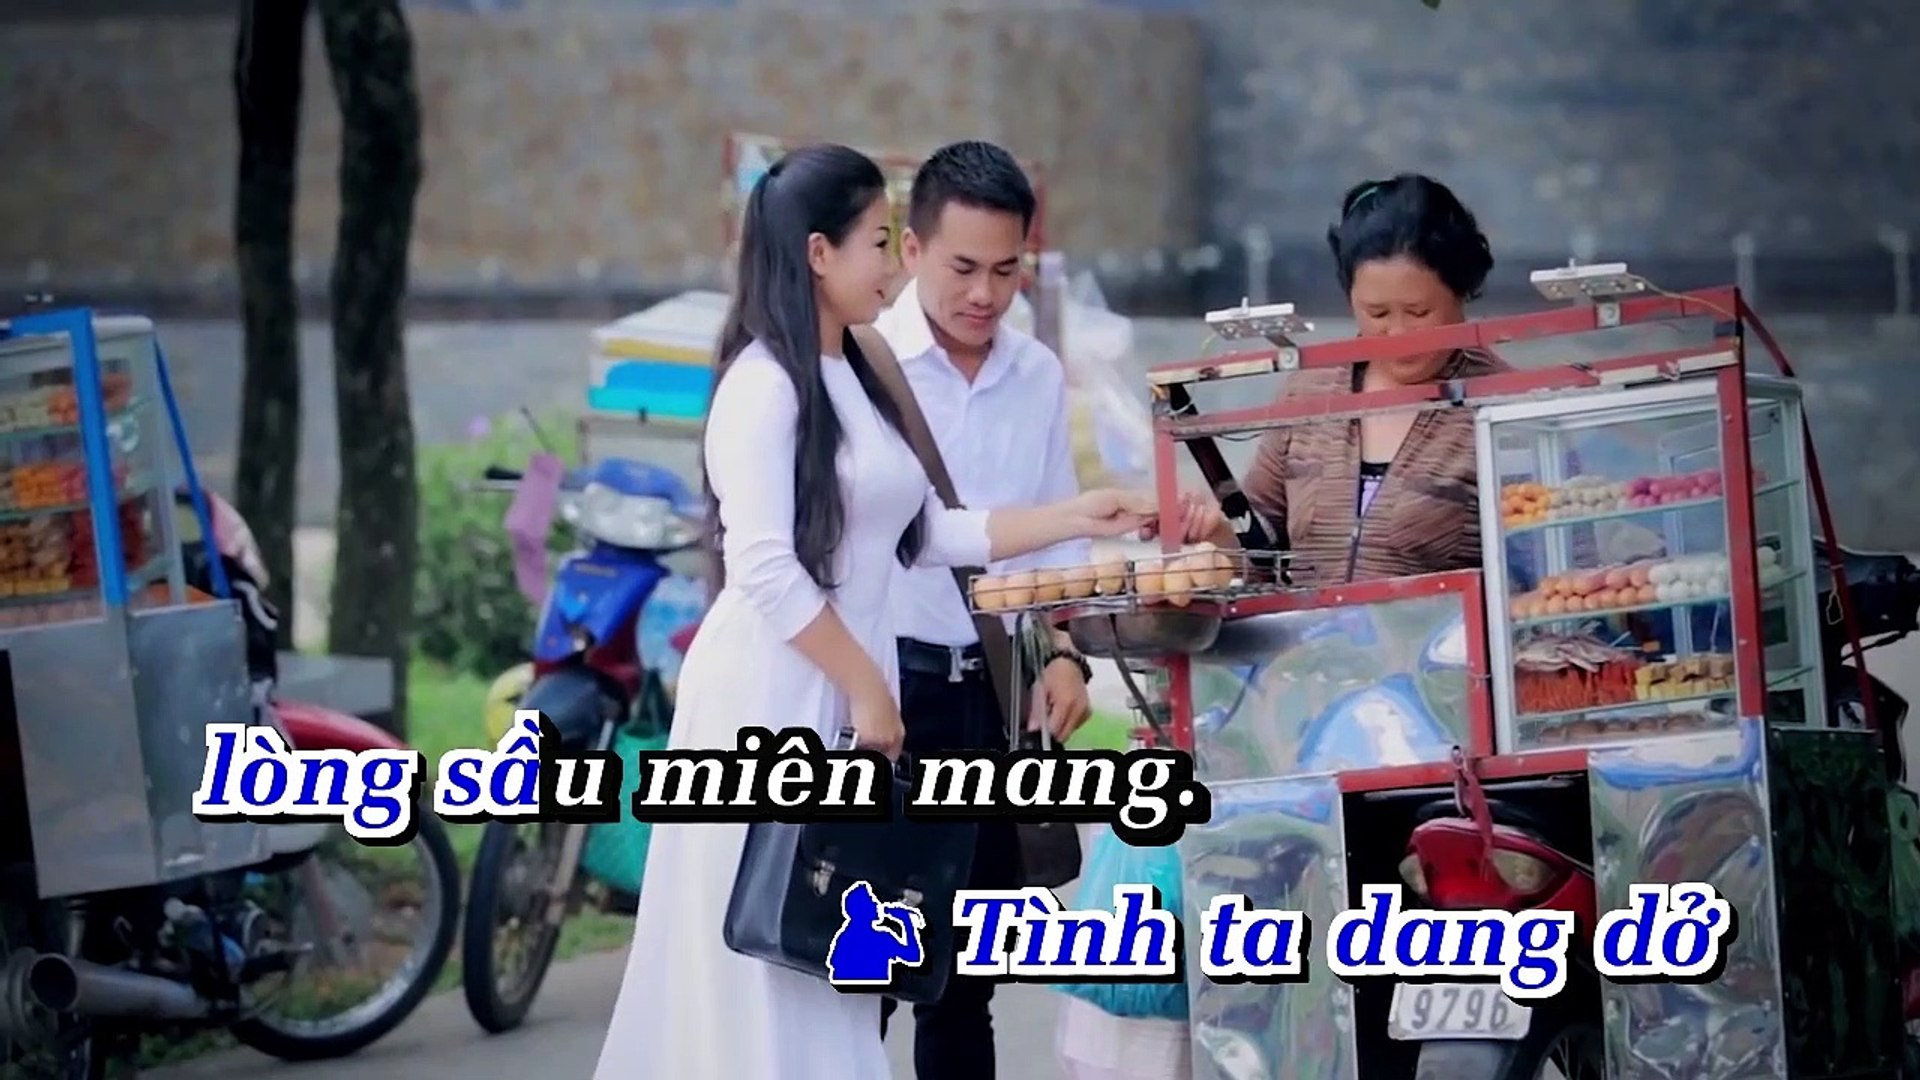 [karaoke] Cứ Ngỡ Tình Phôi Phai - Huỳnh Nguyễn Công Bằng Ft. Dương Hồng Loan [beat]